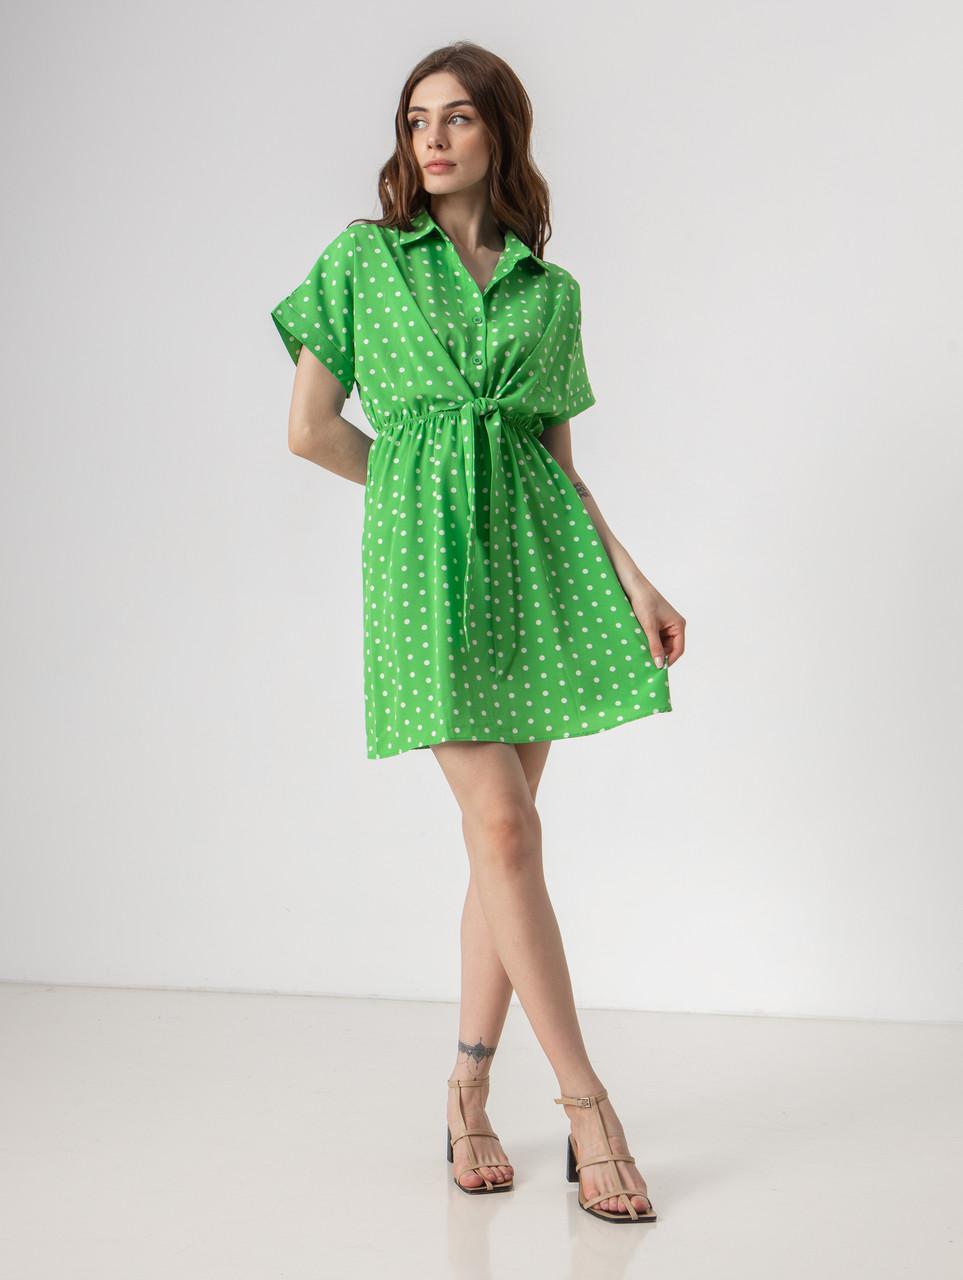 Короткое легкое платье в горох с пуговицами на груди в 5 цветах в размерах S-M, М-L.